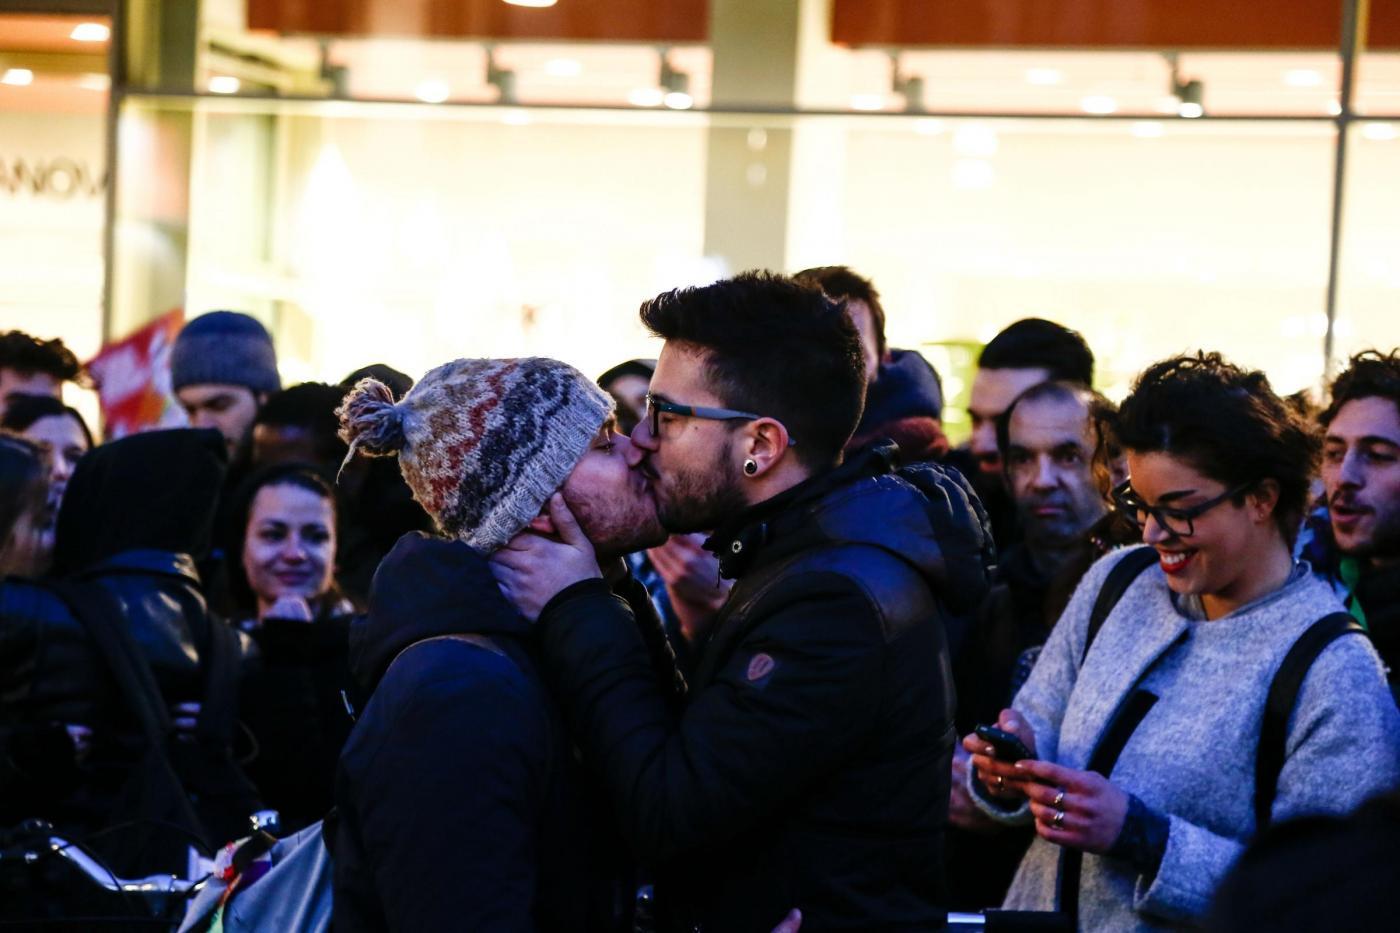 """Unioni civili, contro manifestazione delle """"Sentinelle in piedi"""" a Torino"""